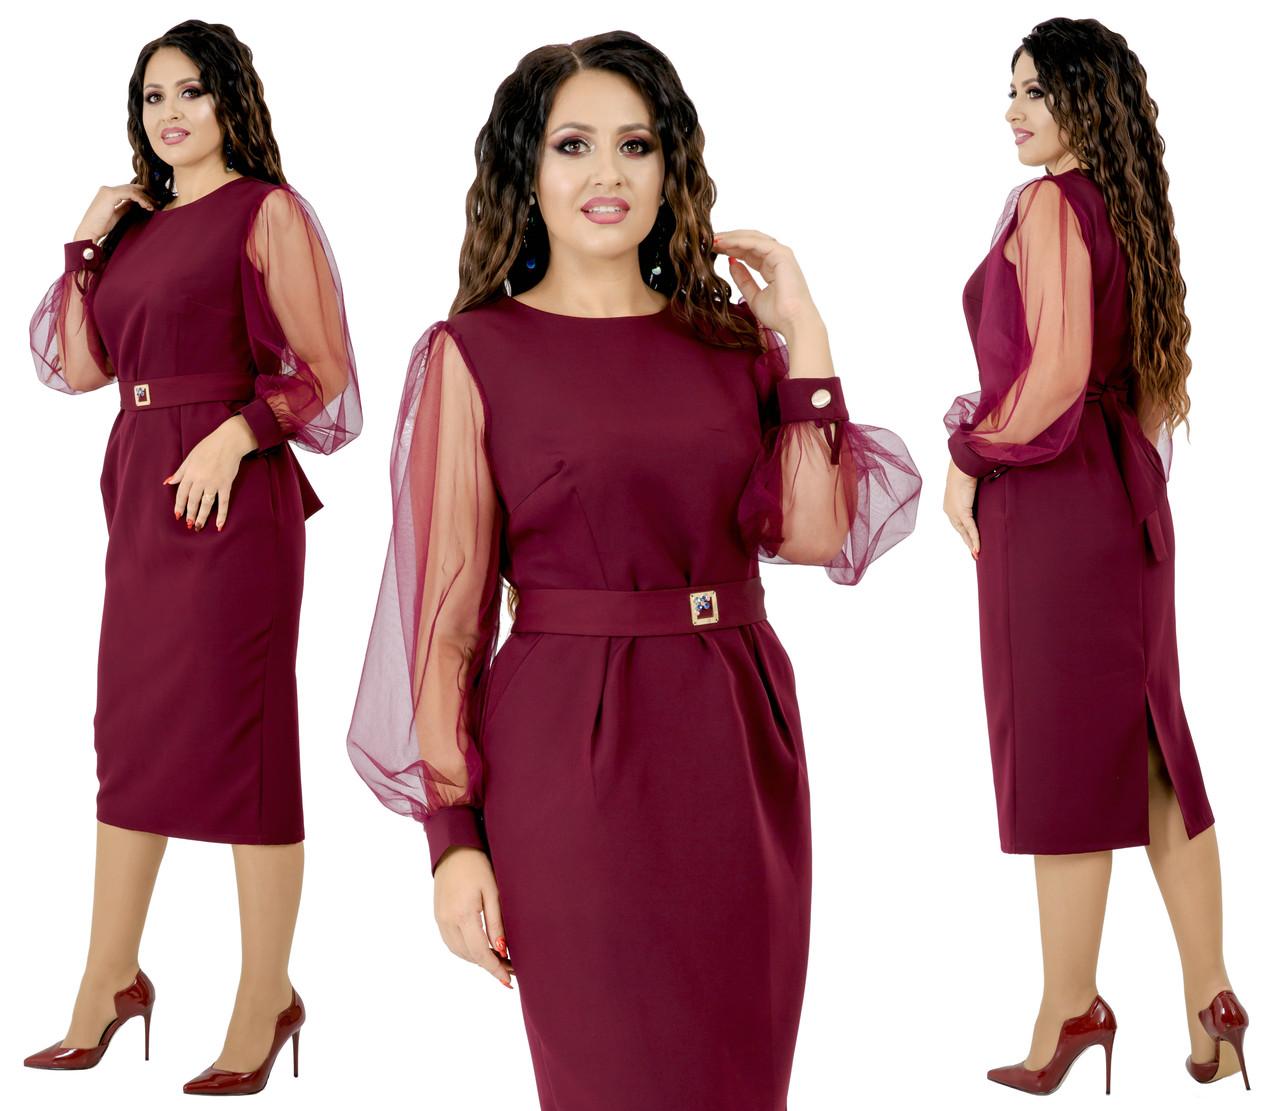 Платье цвет марсала, больших размеров от 48 до 54 отделка сетка, есть карманы  арт 213-92